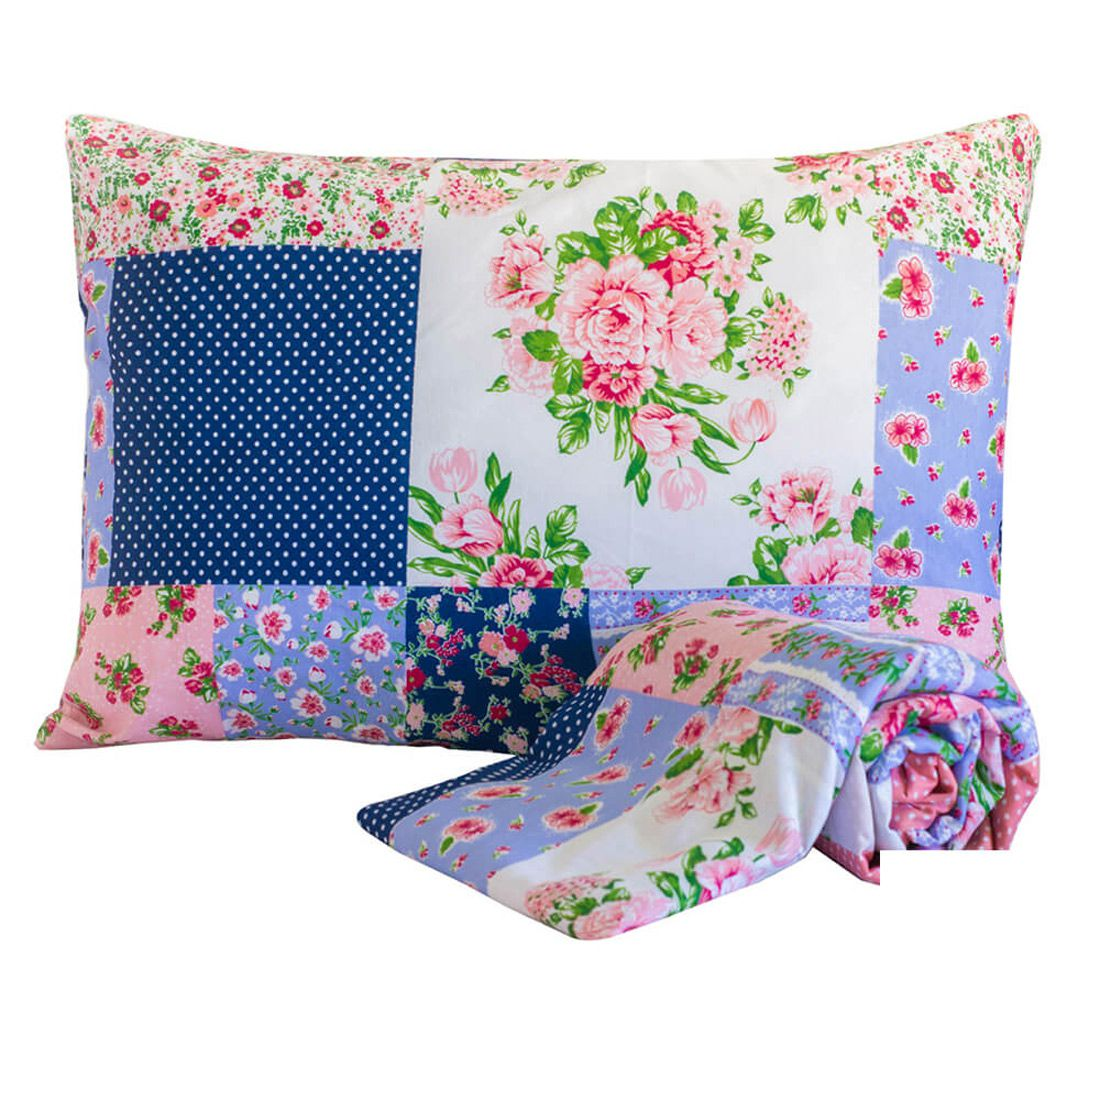 Jogo de Cama Standard Patchwork Floral Solteiro 160 Fios 02 Peças